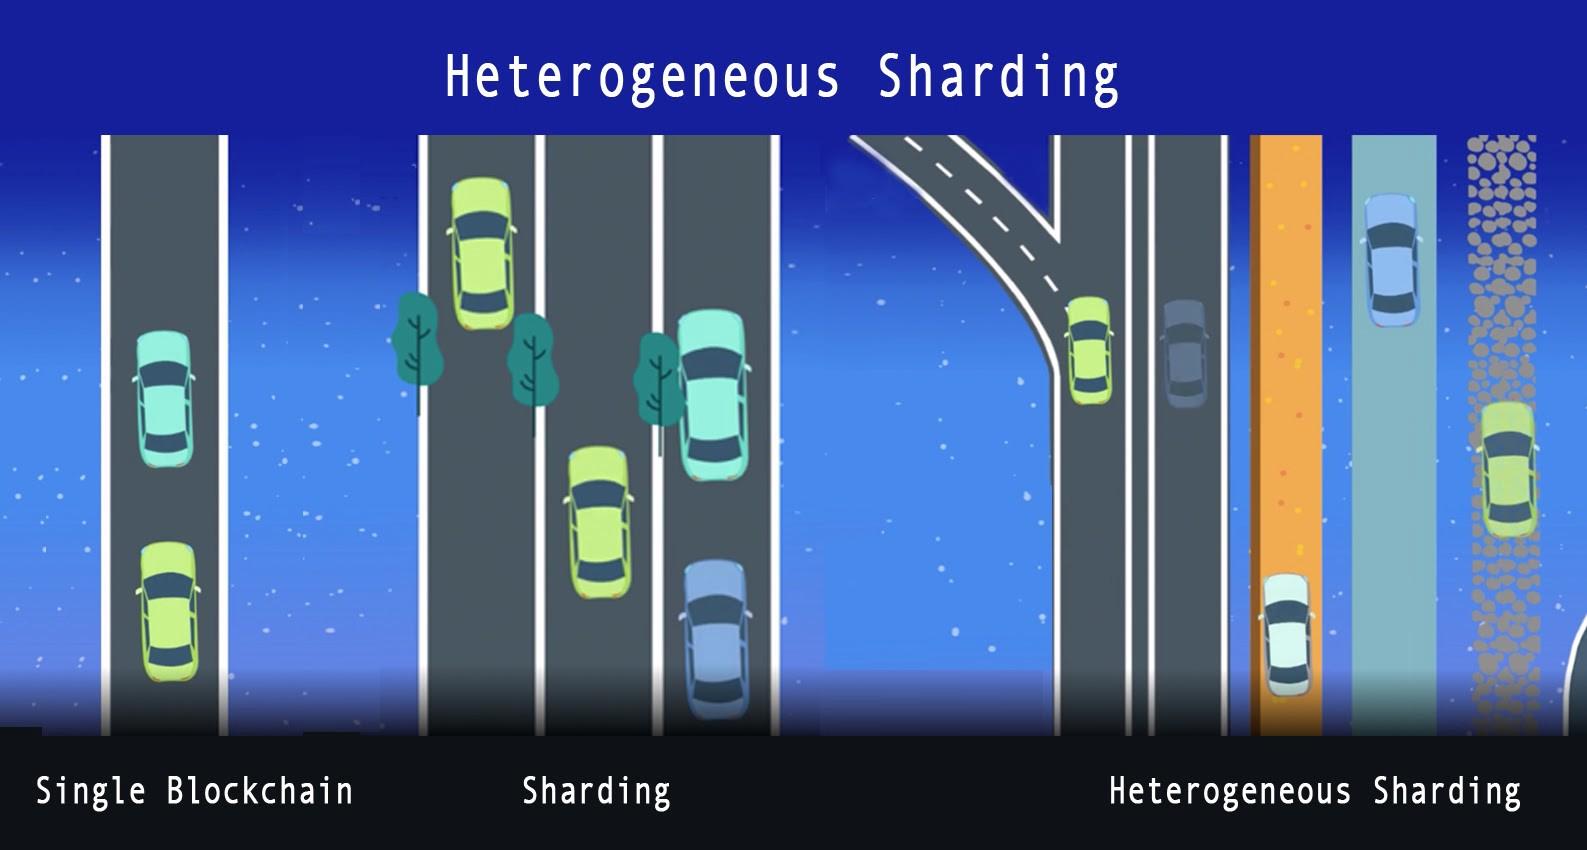 Différences entre la chaine unique, le sharding et le sharding hétérogène